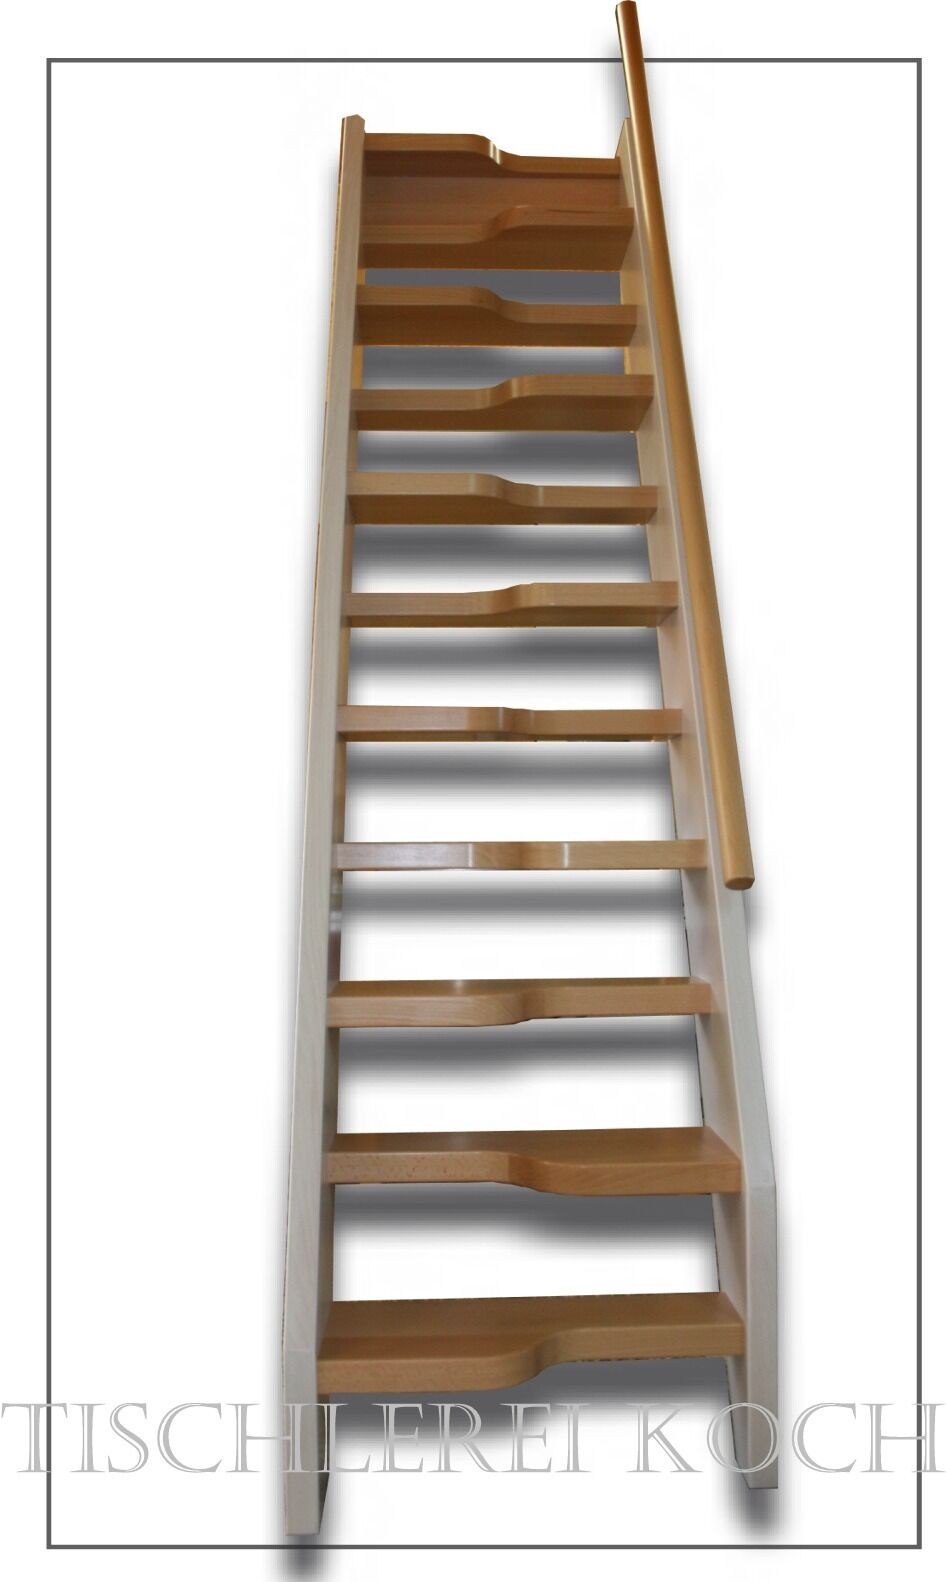 kostenvoranschlag fÜr eine kleine raumspartreppe, gerade treppe aus